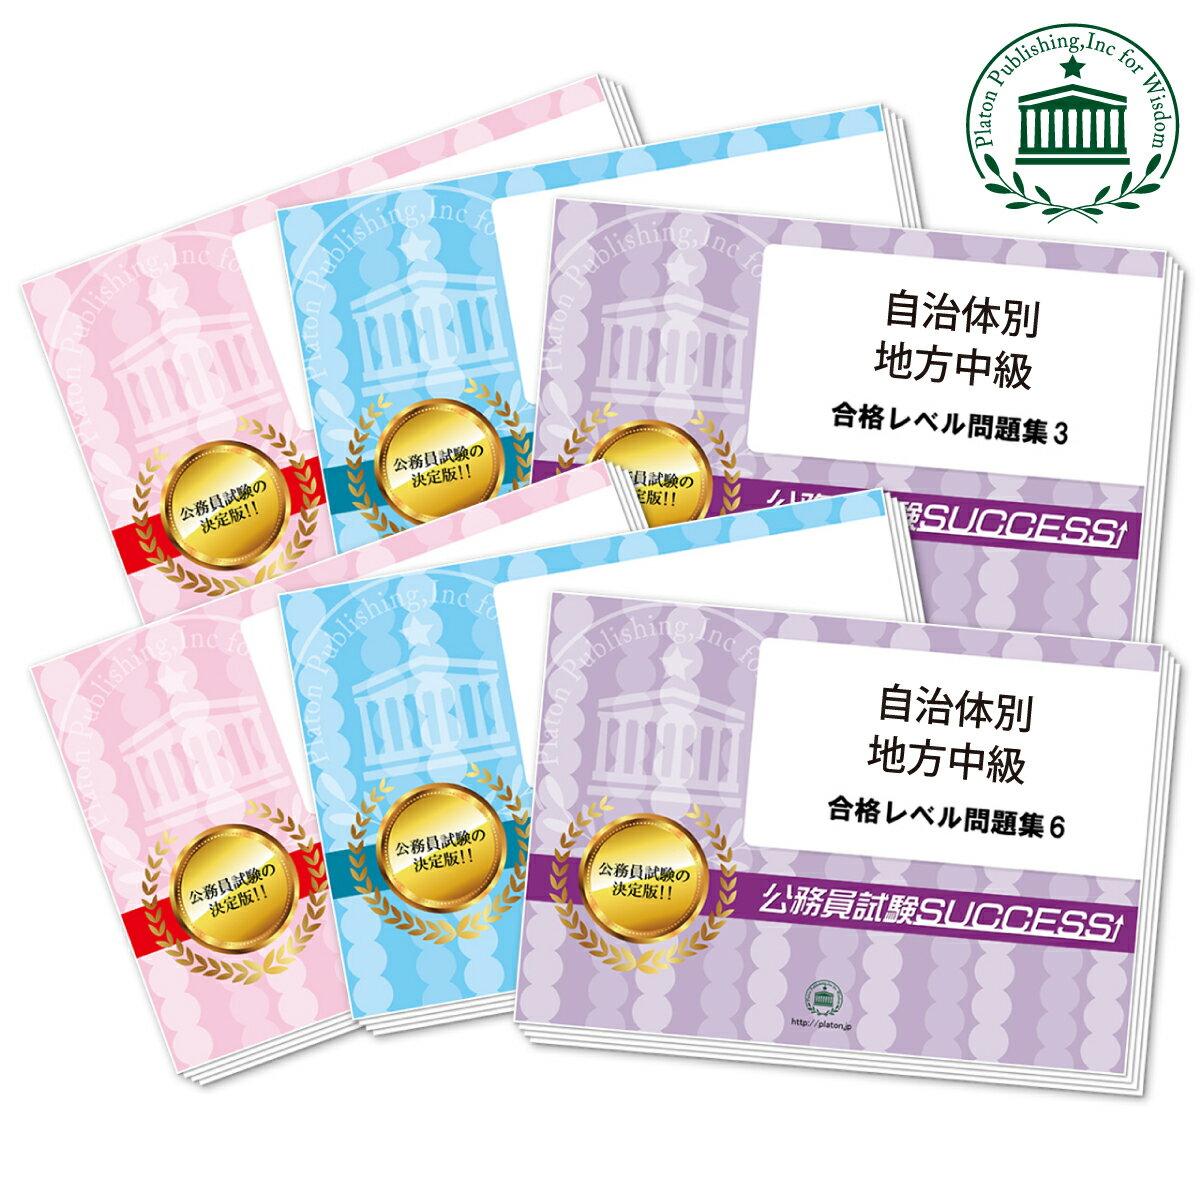 山口県職員採用(短大卒業程度)教養試験合格セット(6冊)